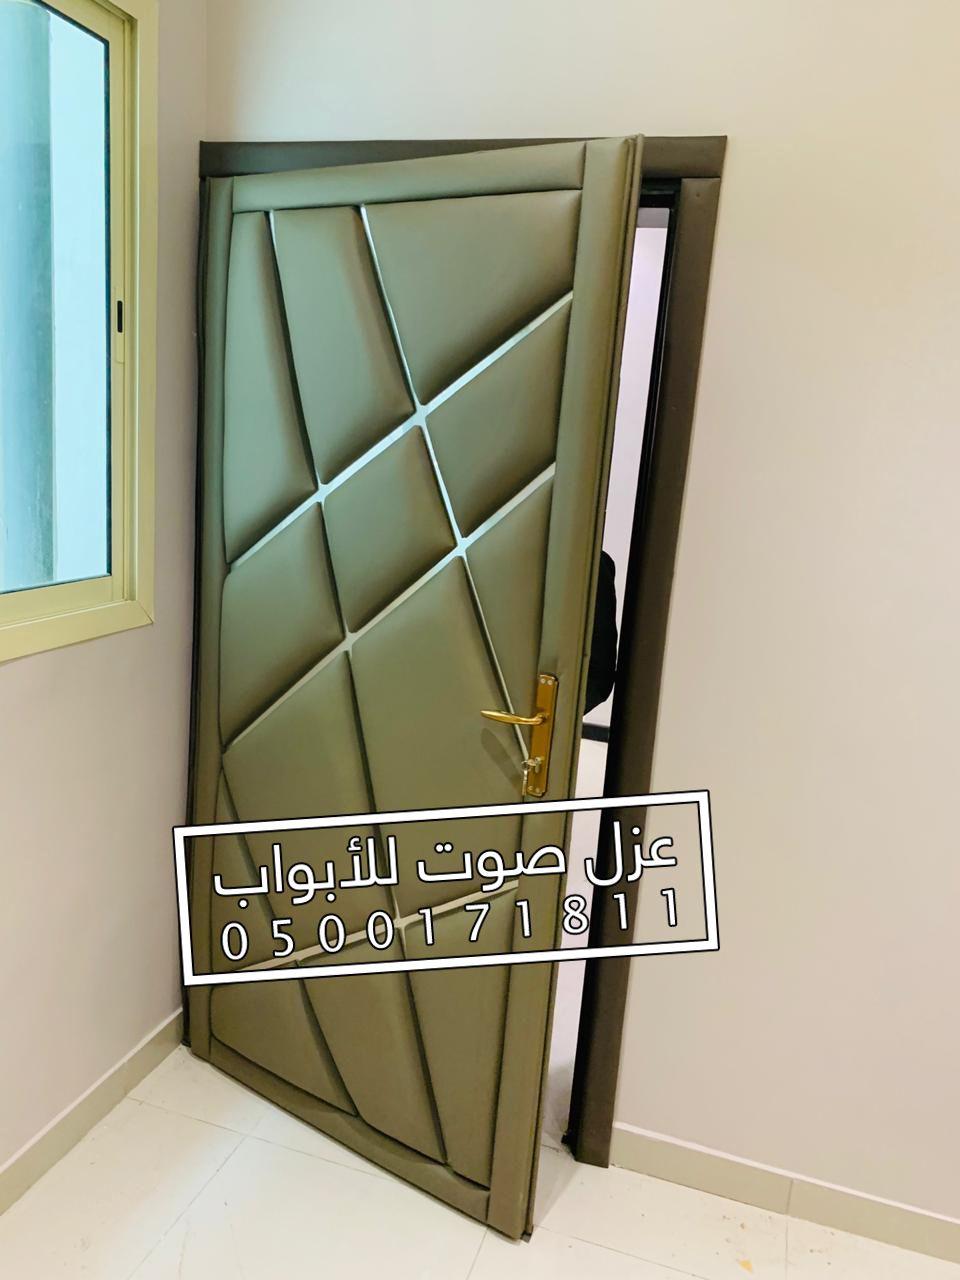 عازل روعة للابواب جودة و مظهر الرياض In 2020 Home Decor Home Decor